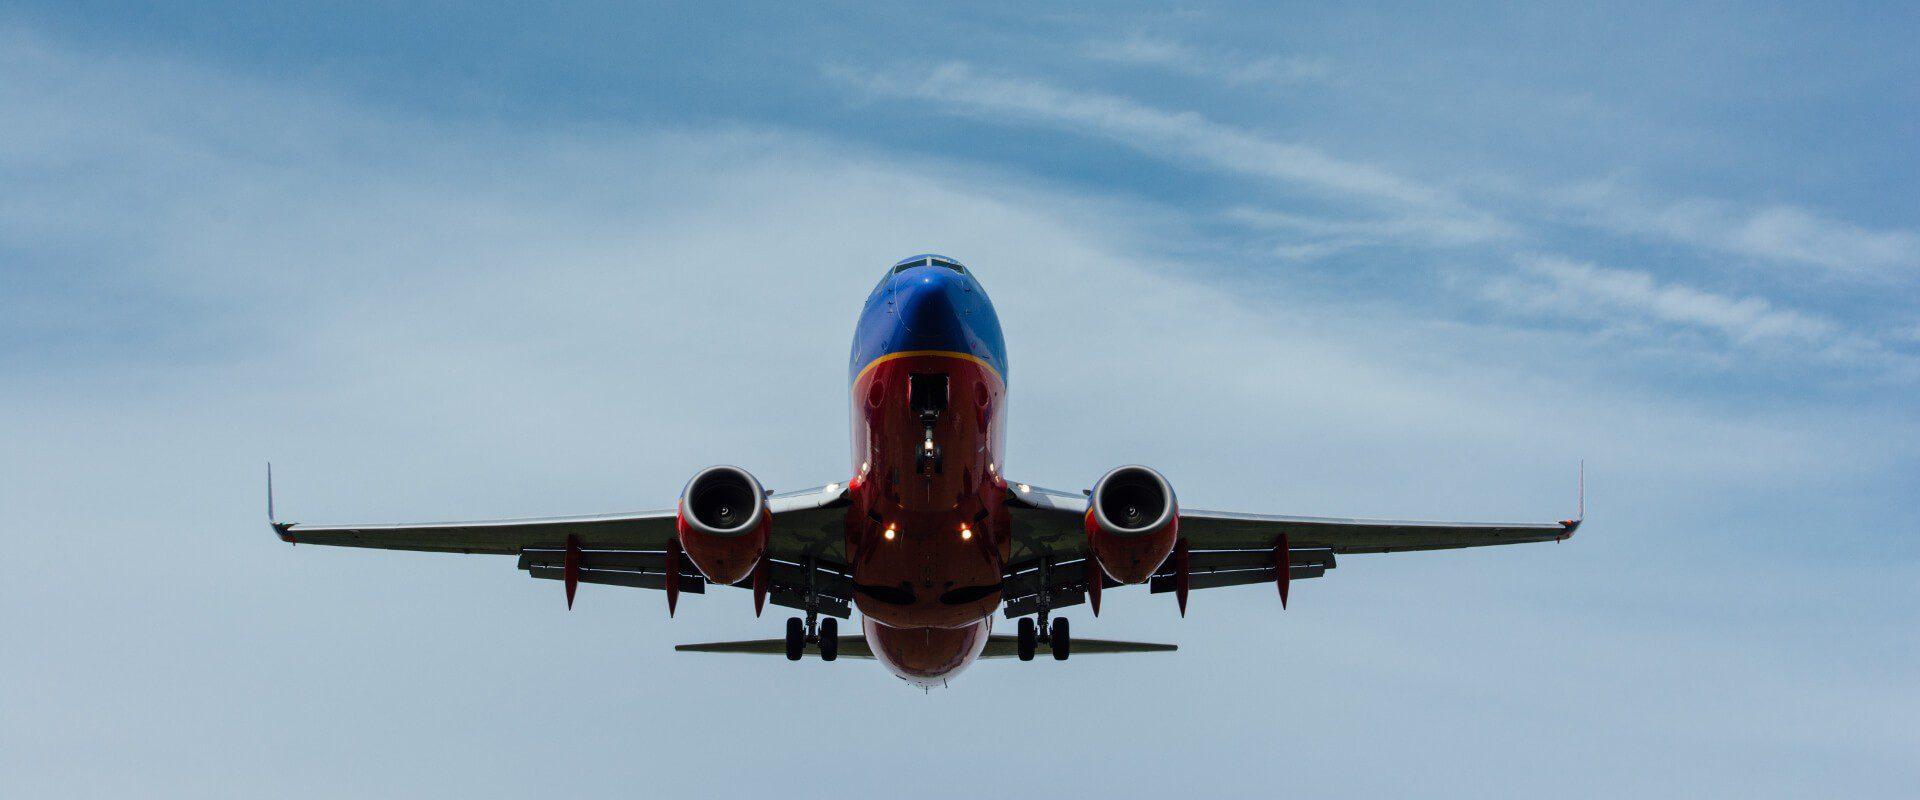 Odwołany lub opóźniony lot - co robić? Poradnik dla podróżnika